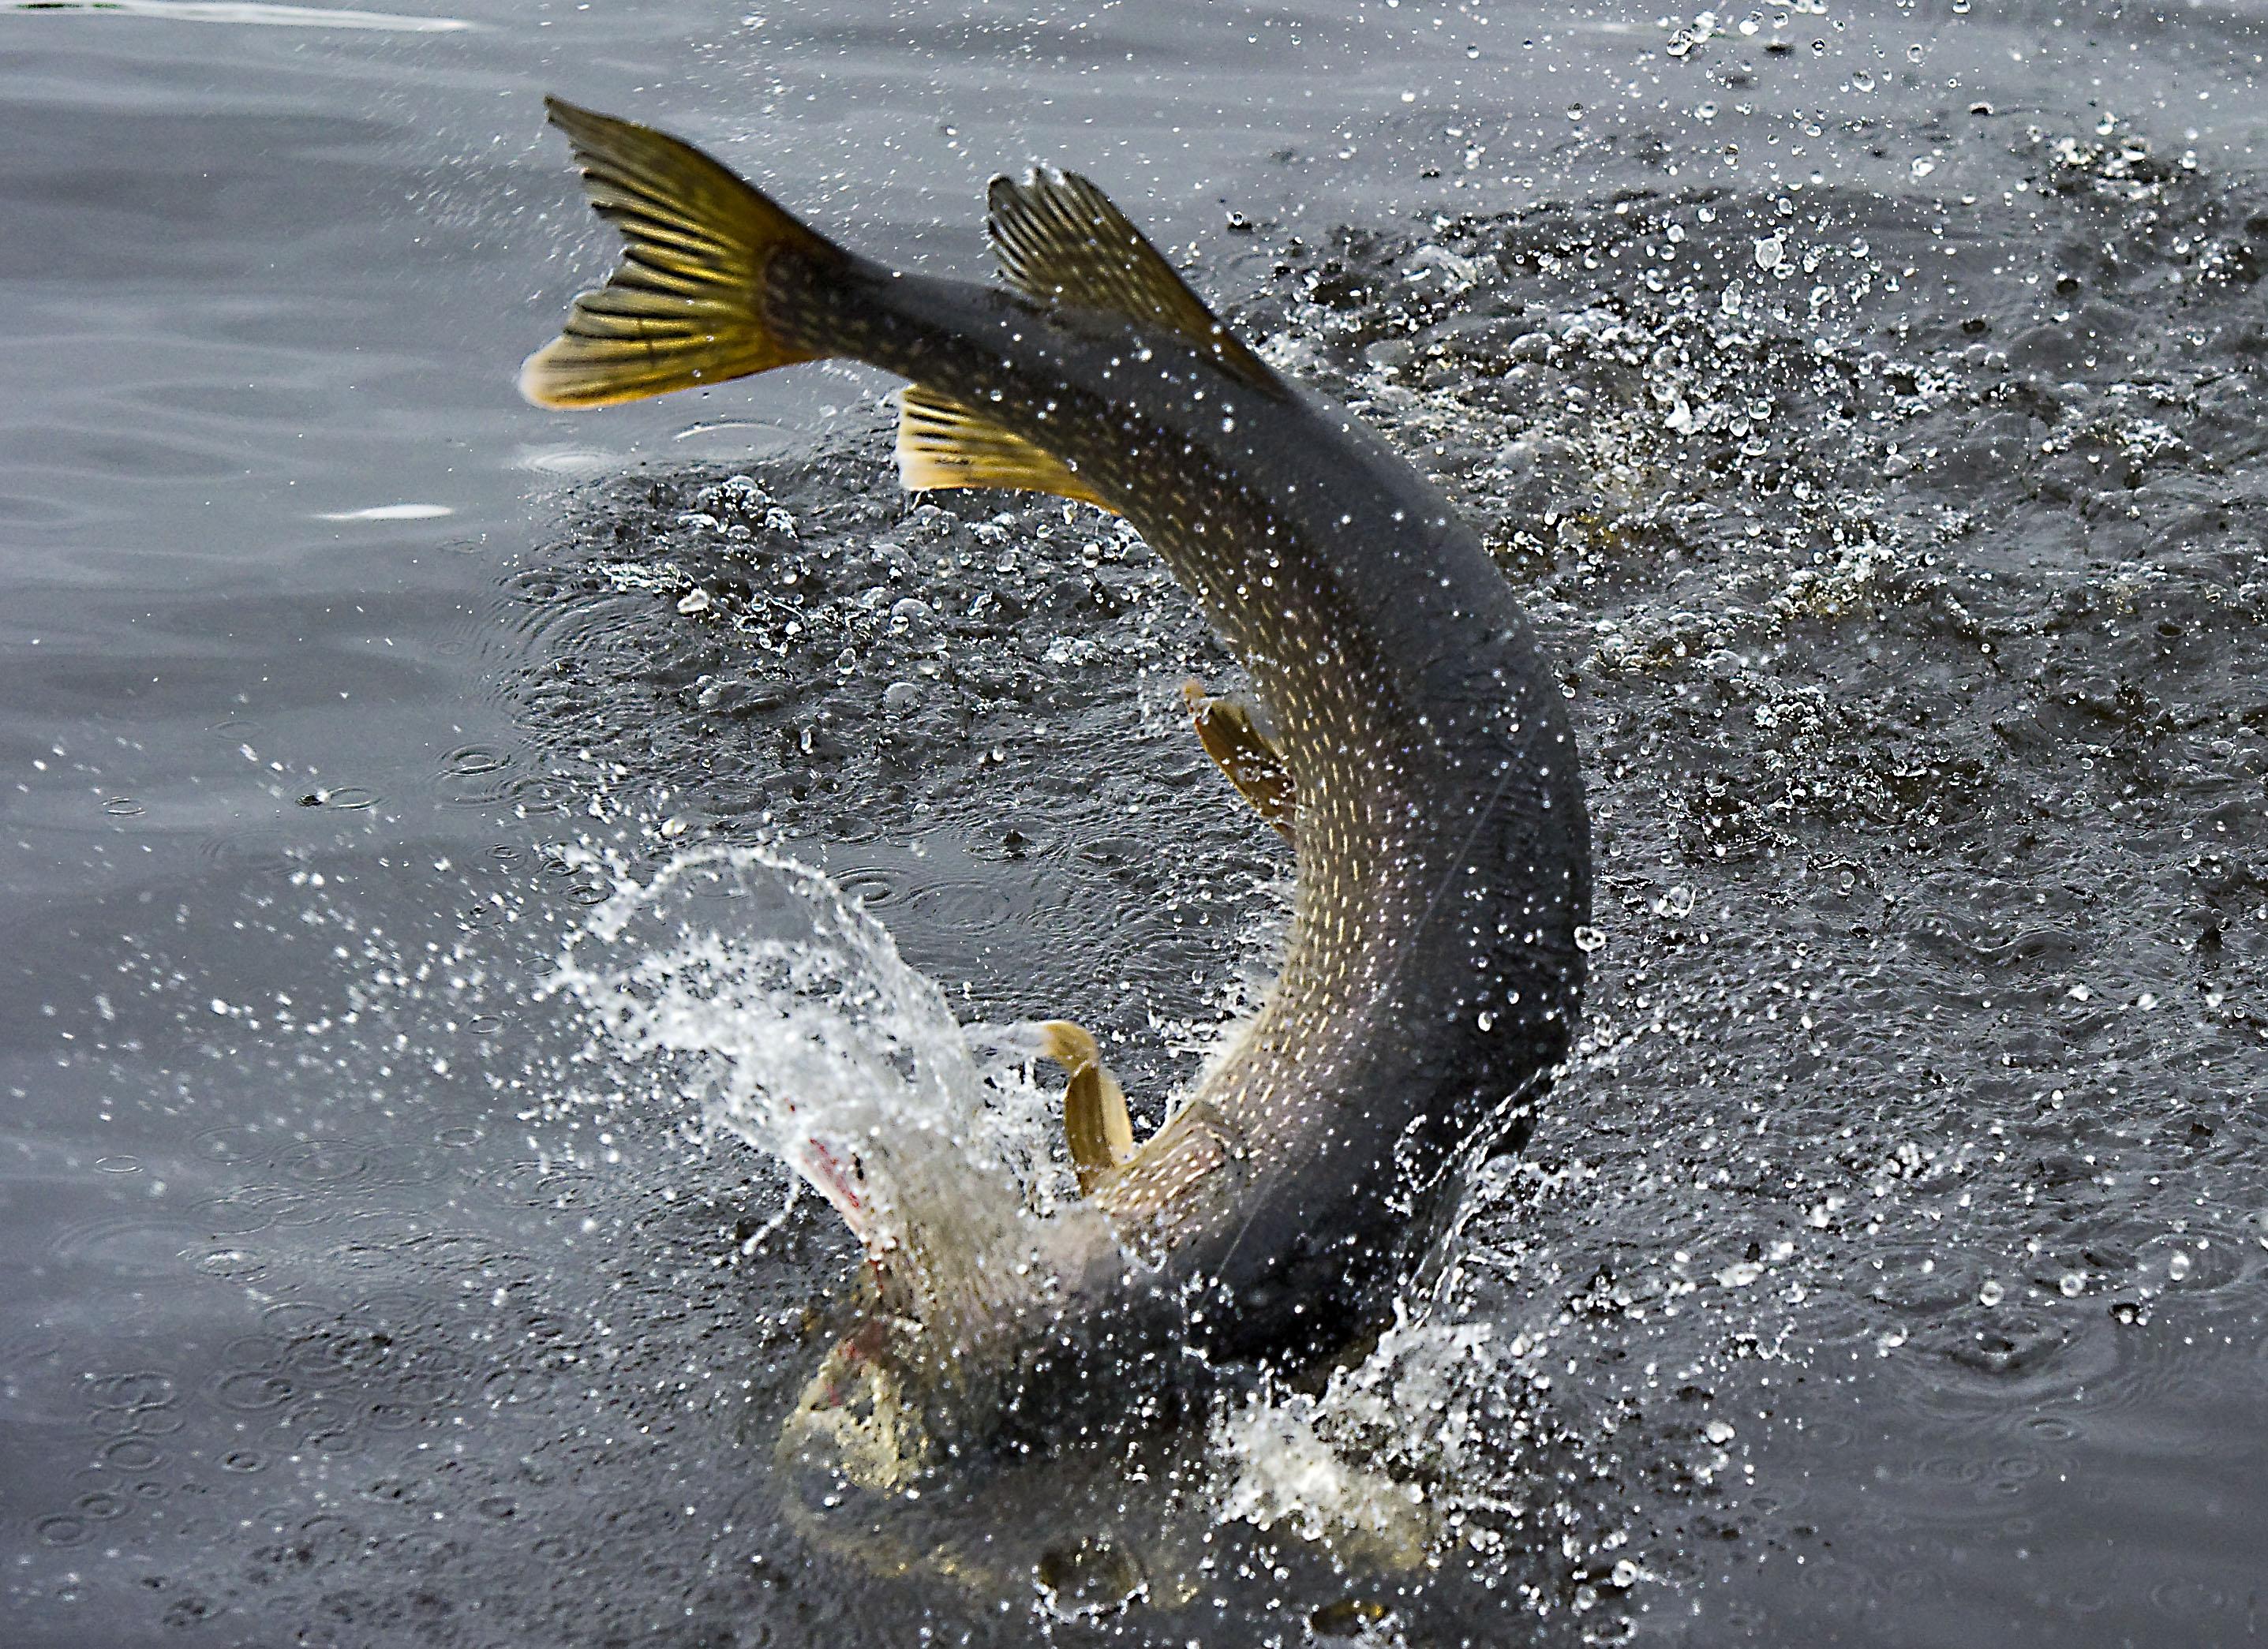 Pescar en Otoño, 5 especies que podrás capturar en esta época del año